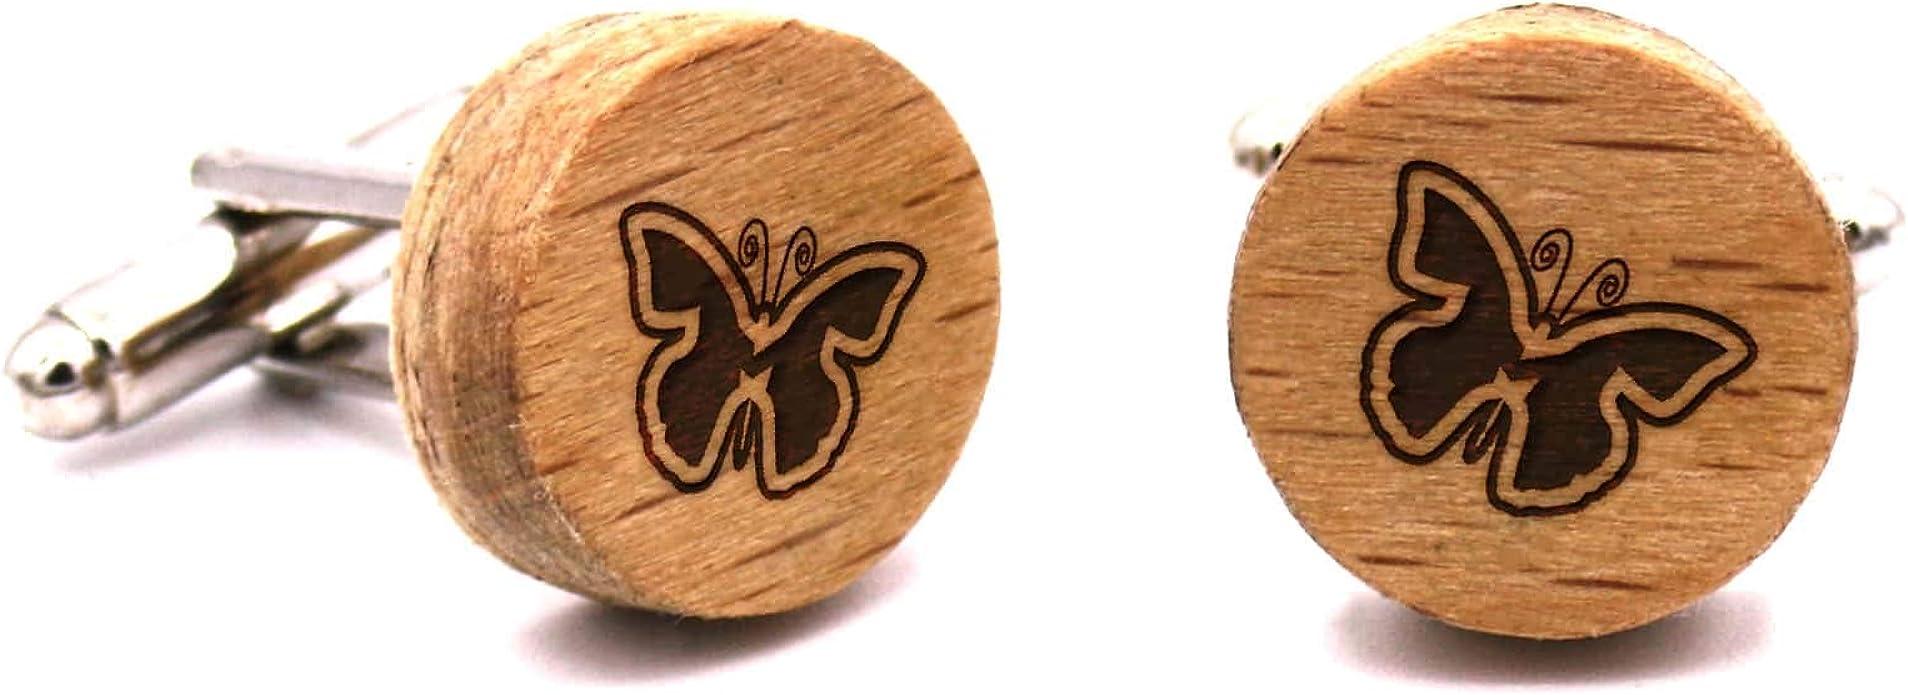 Gemelos de madera Breeze Butterfly. Colección de moda hombre: originales de haya para camisa, hechos a mano en España. Línea boda y eventos. Diseño con grabado de Primavera. Regalo original y elegante: